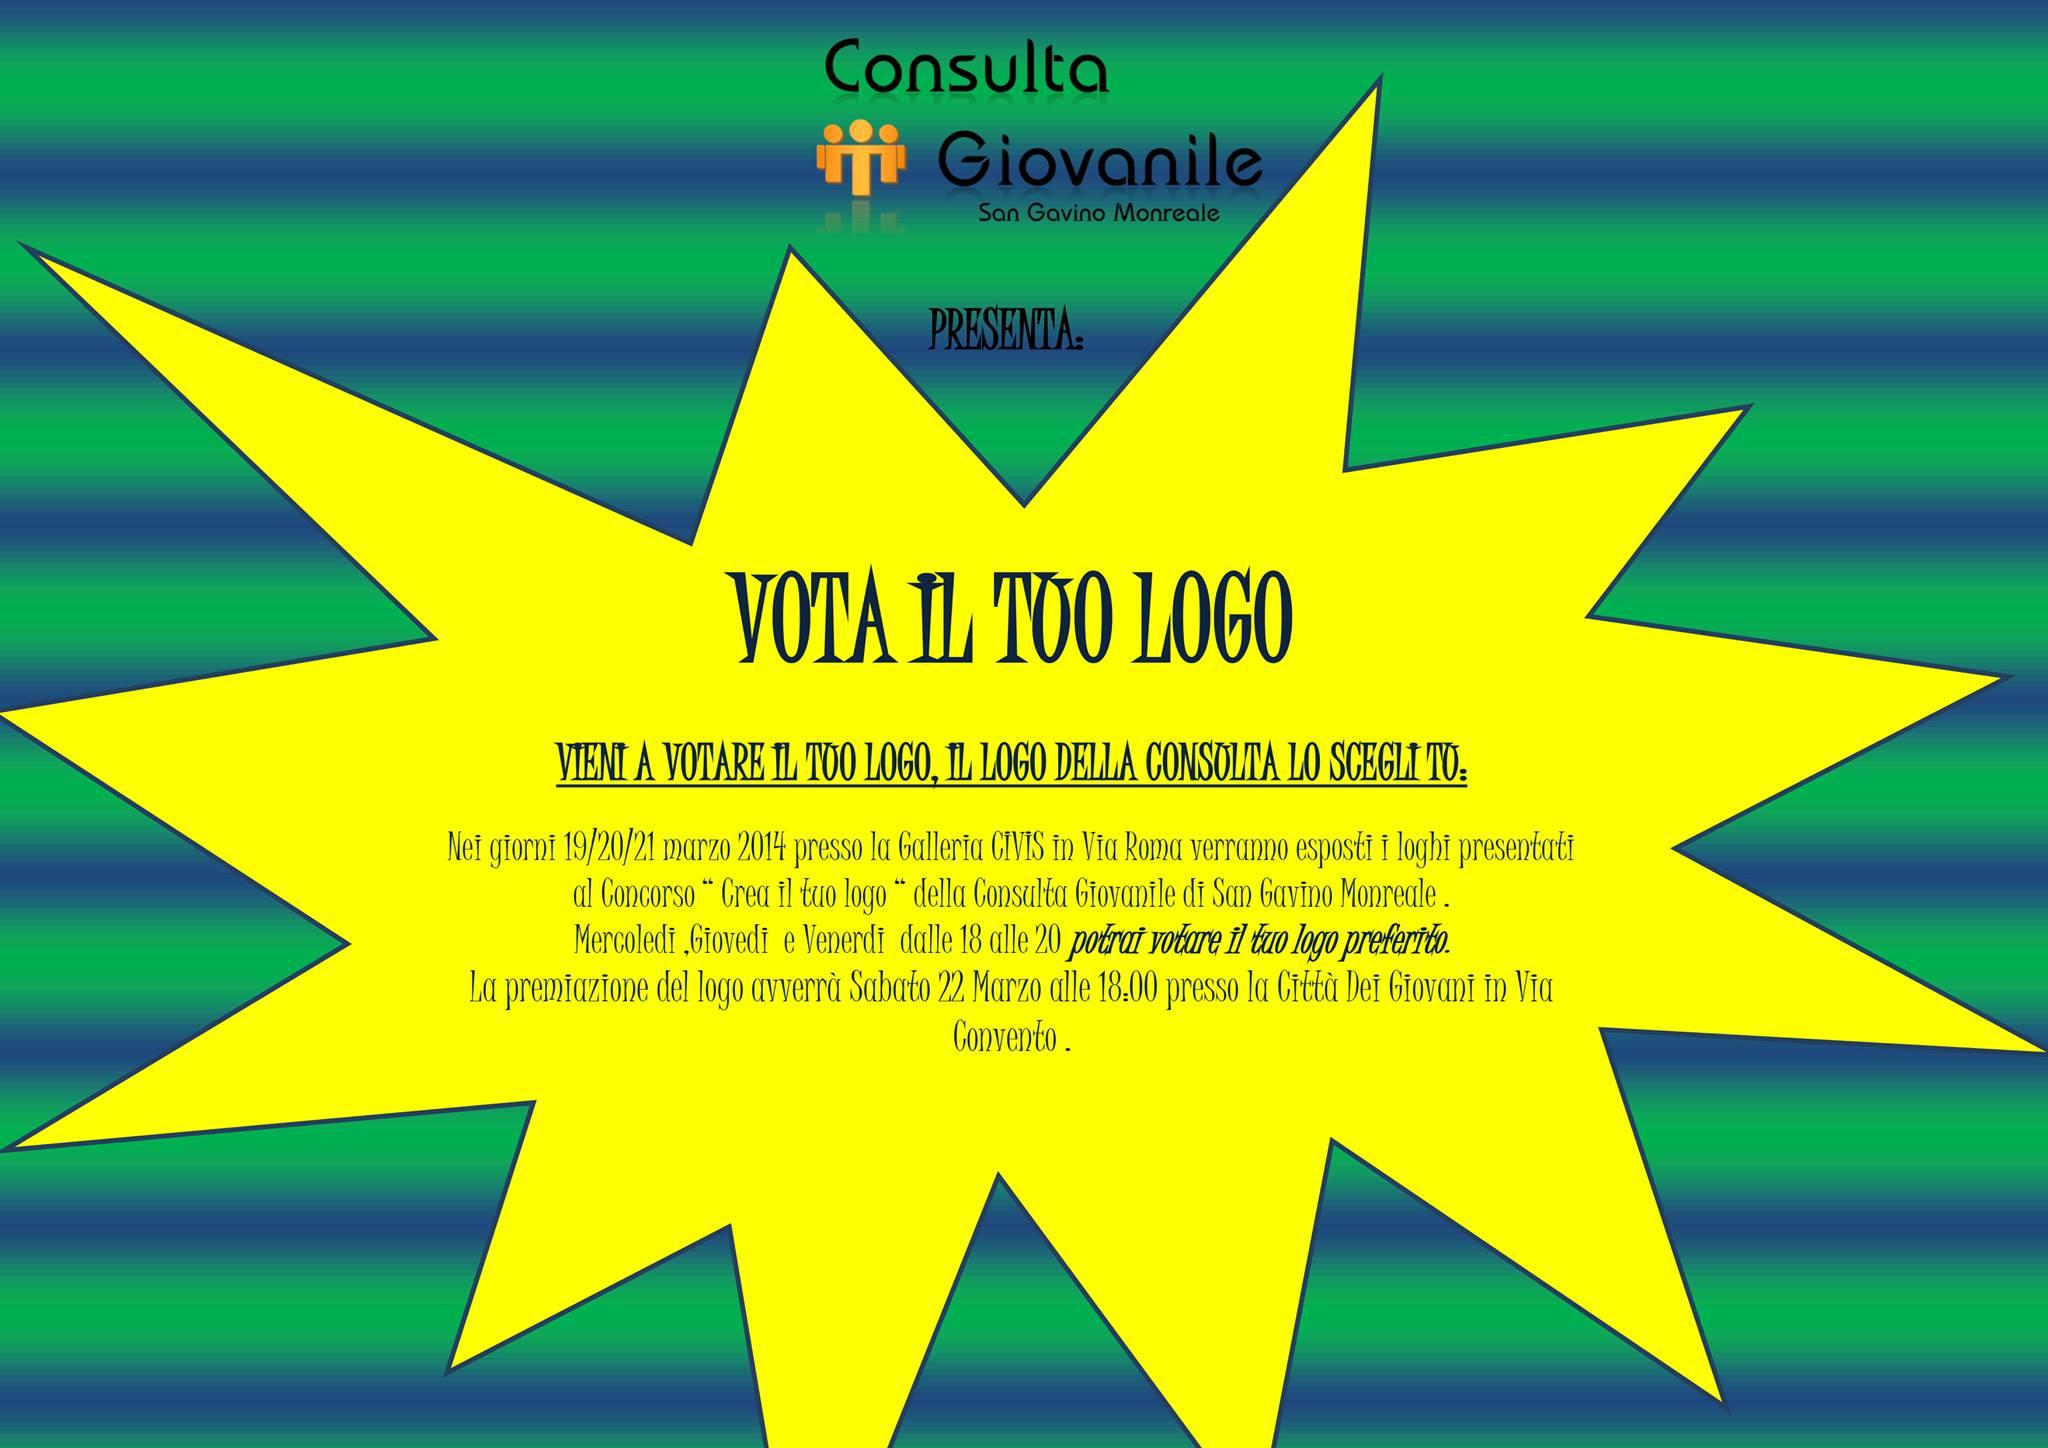 Votazione del Logo della Consulta Giovanile